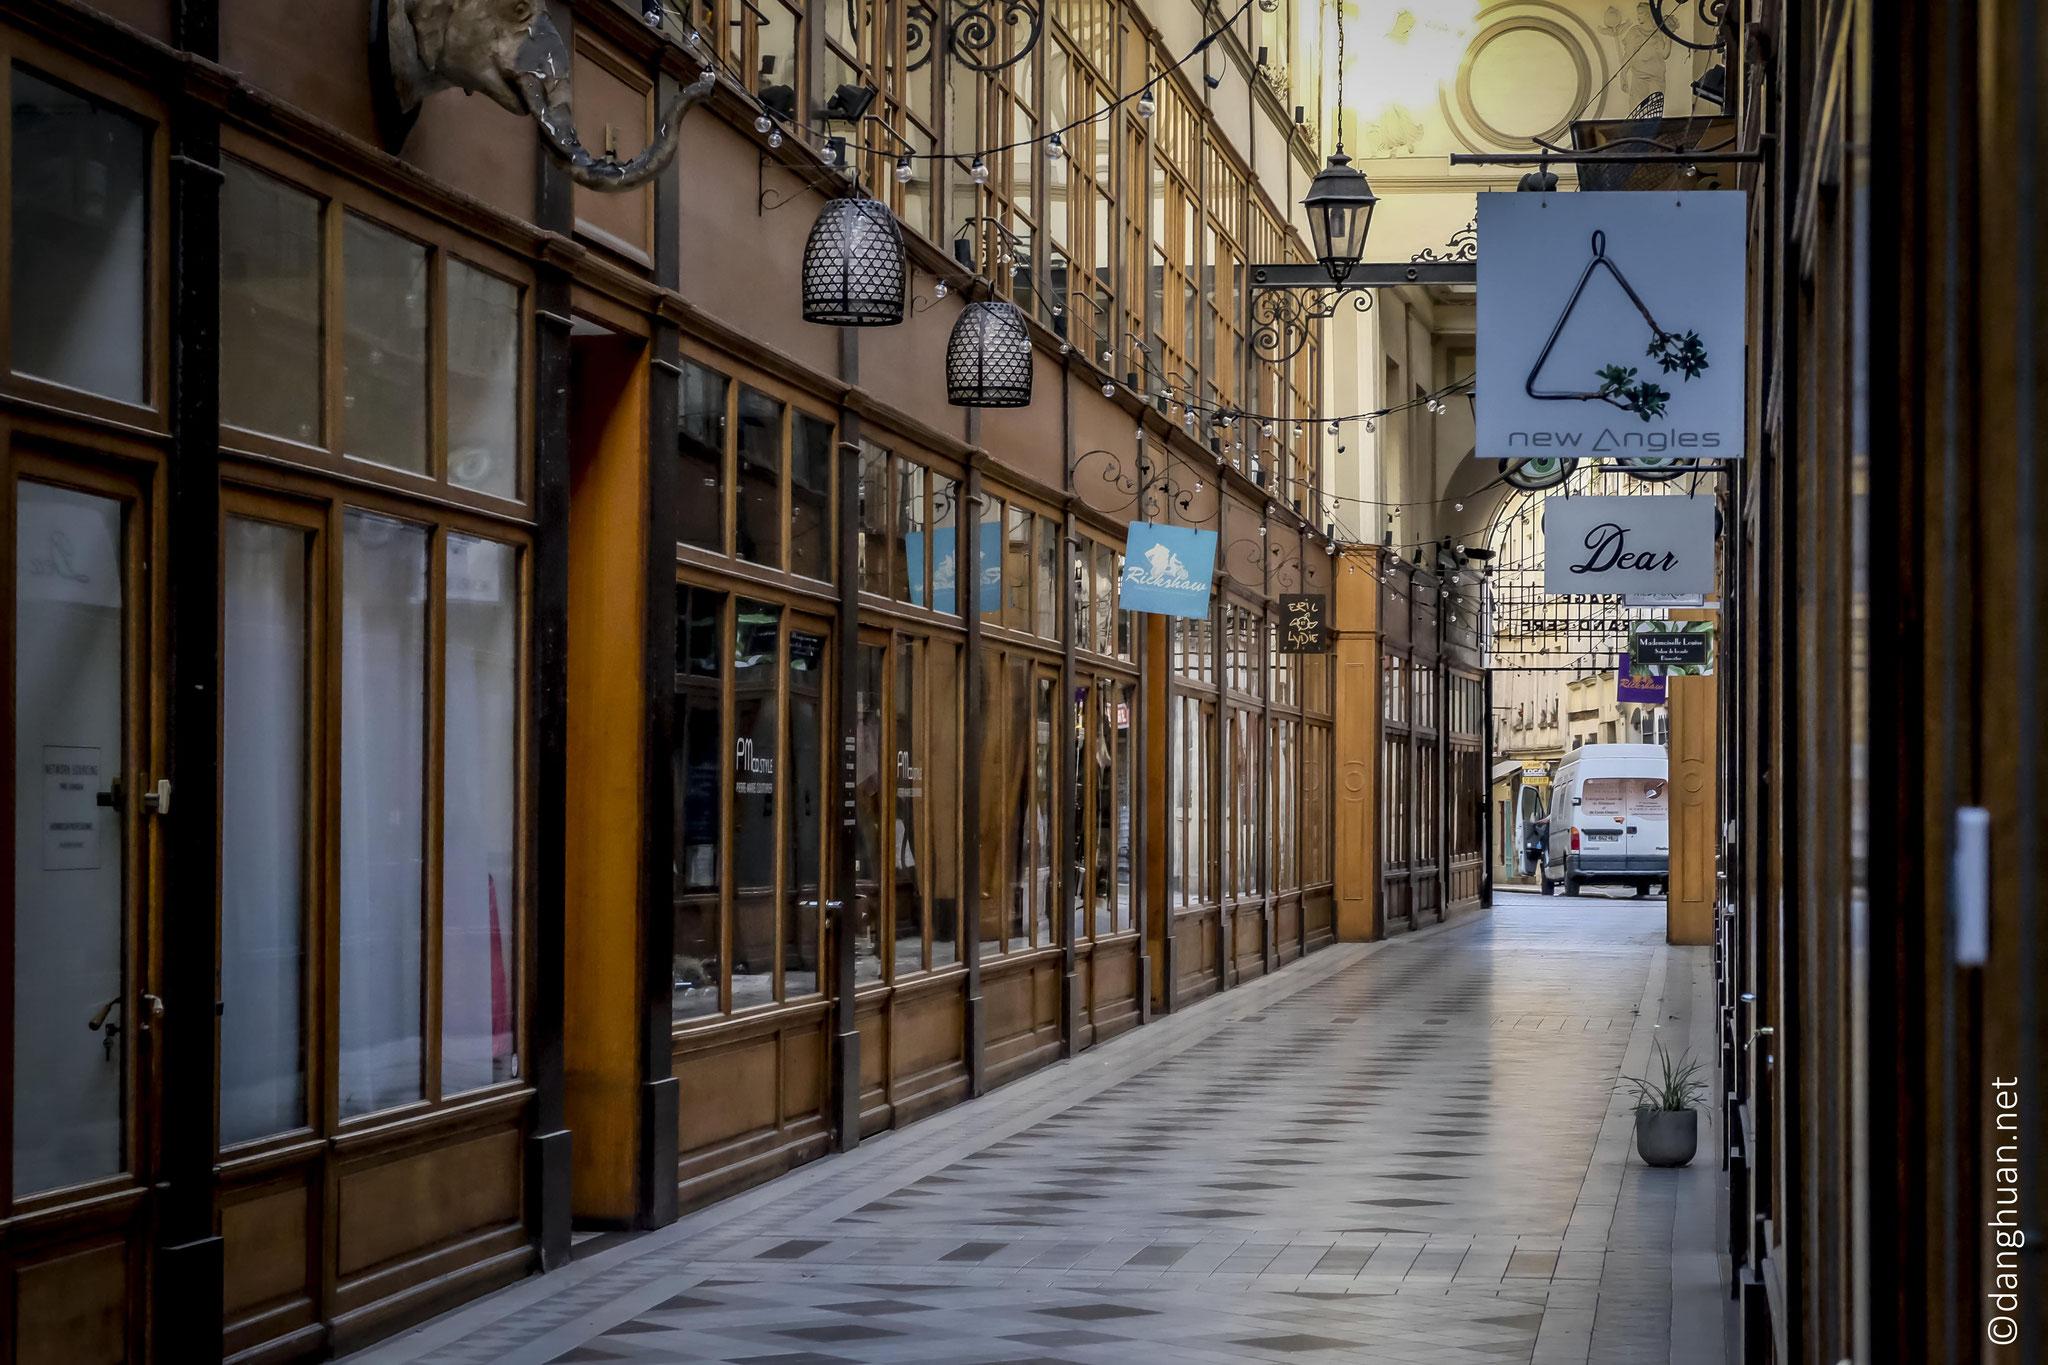 De belles façades en bois de boutiques d'artisanat...